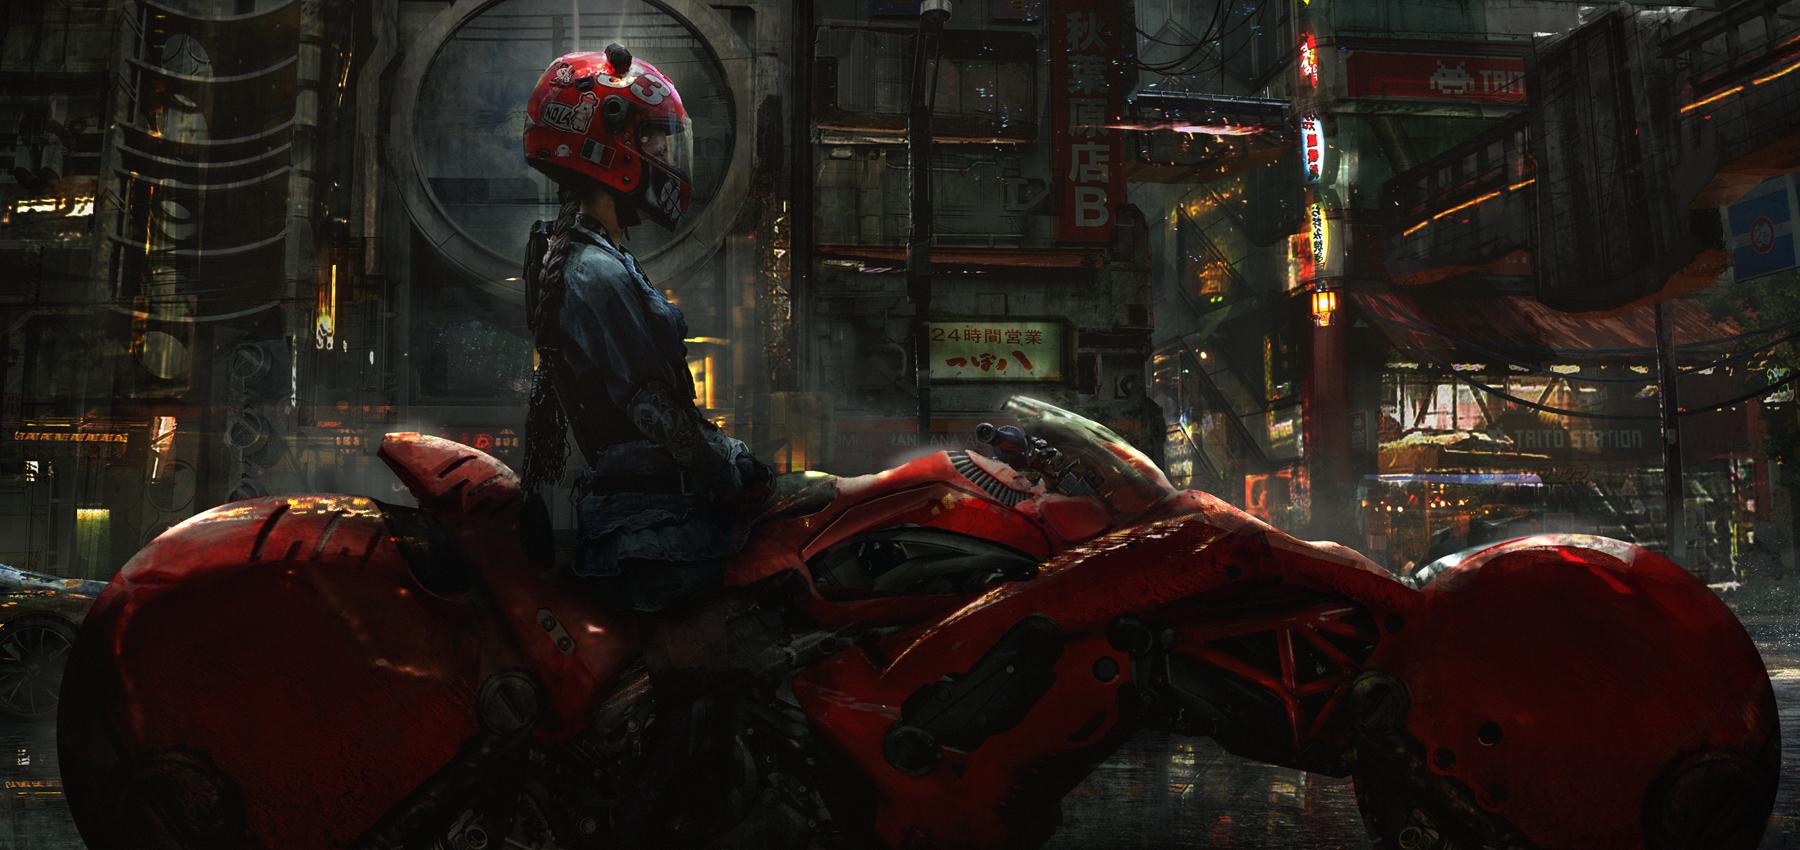 Girl Bar Wallpaper Red Neon Wallpaper Women Digital Art Helmet Cyberpunk